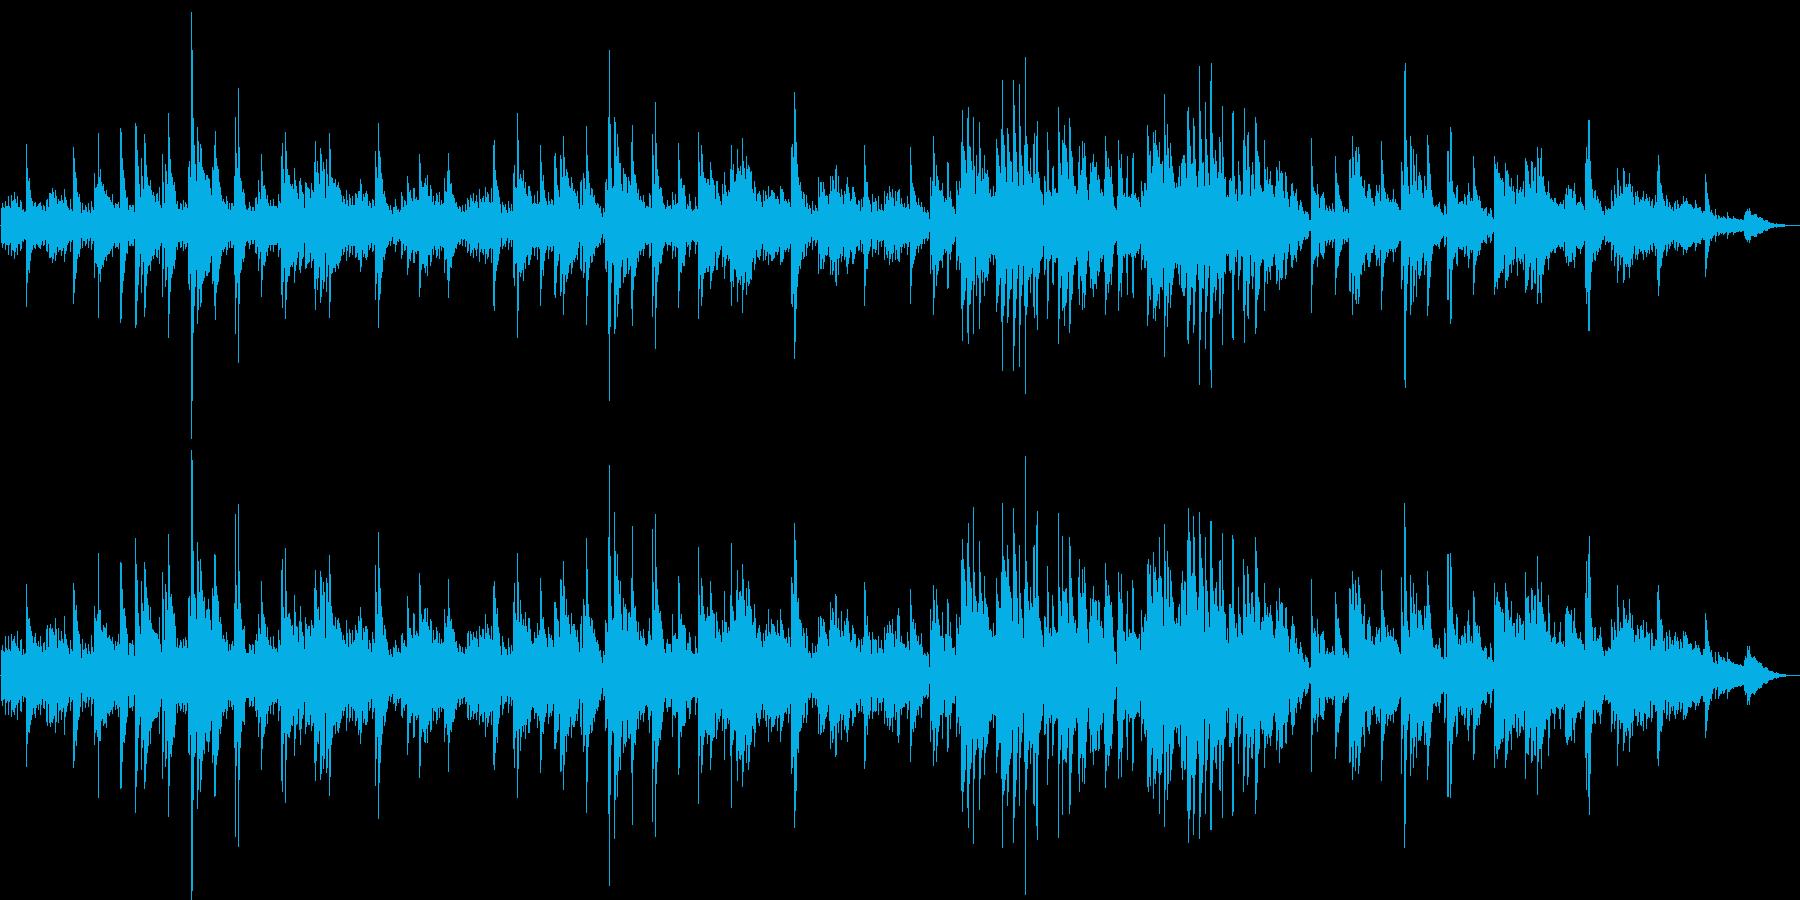 ギターデュオによる遠くを眺めるような曲の再生済みの波形